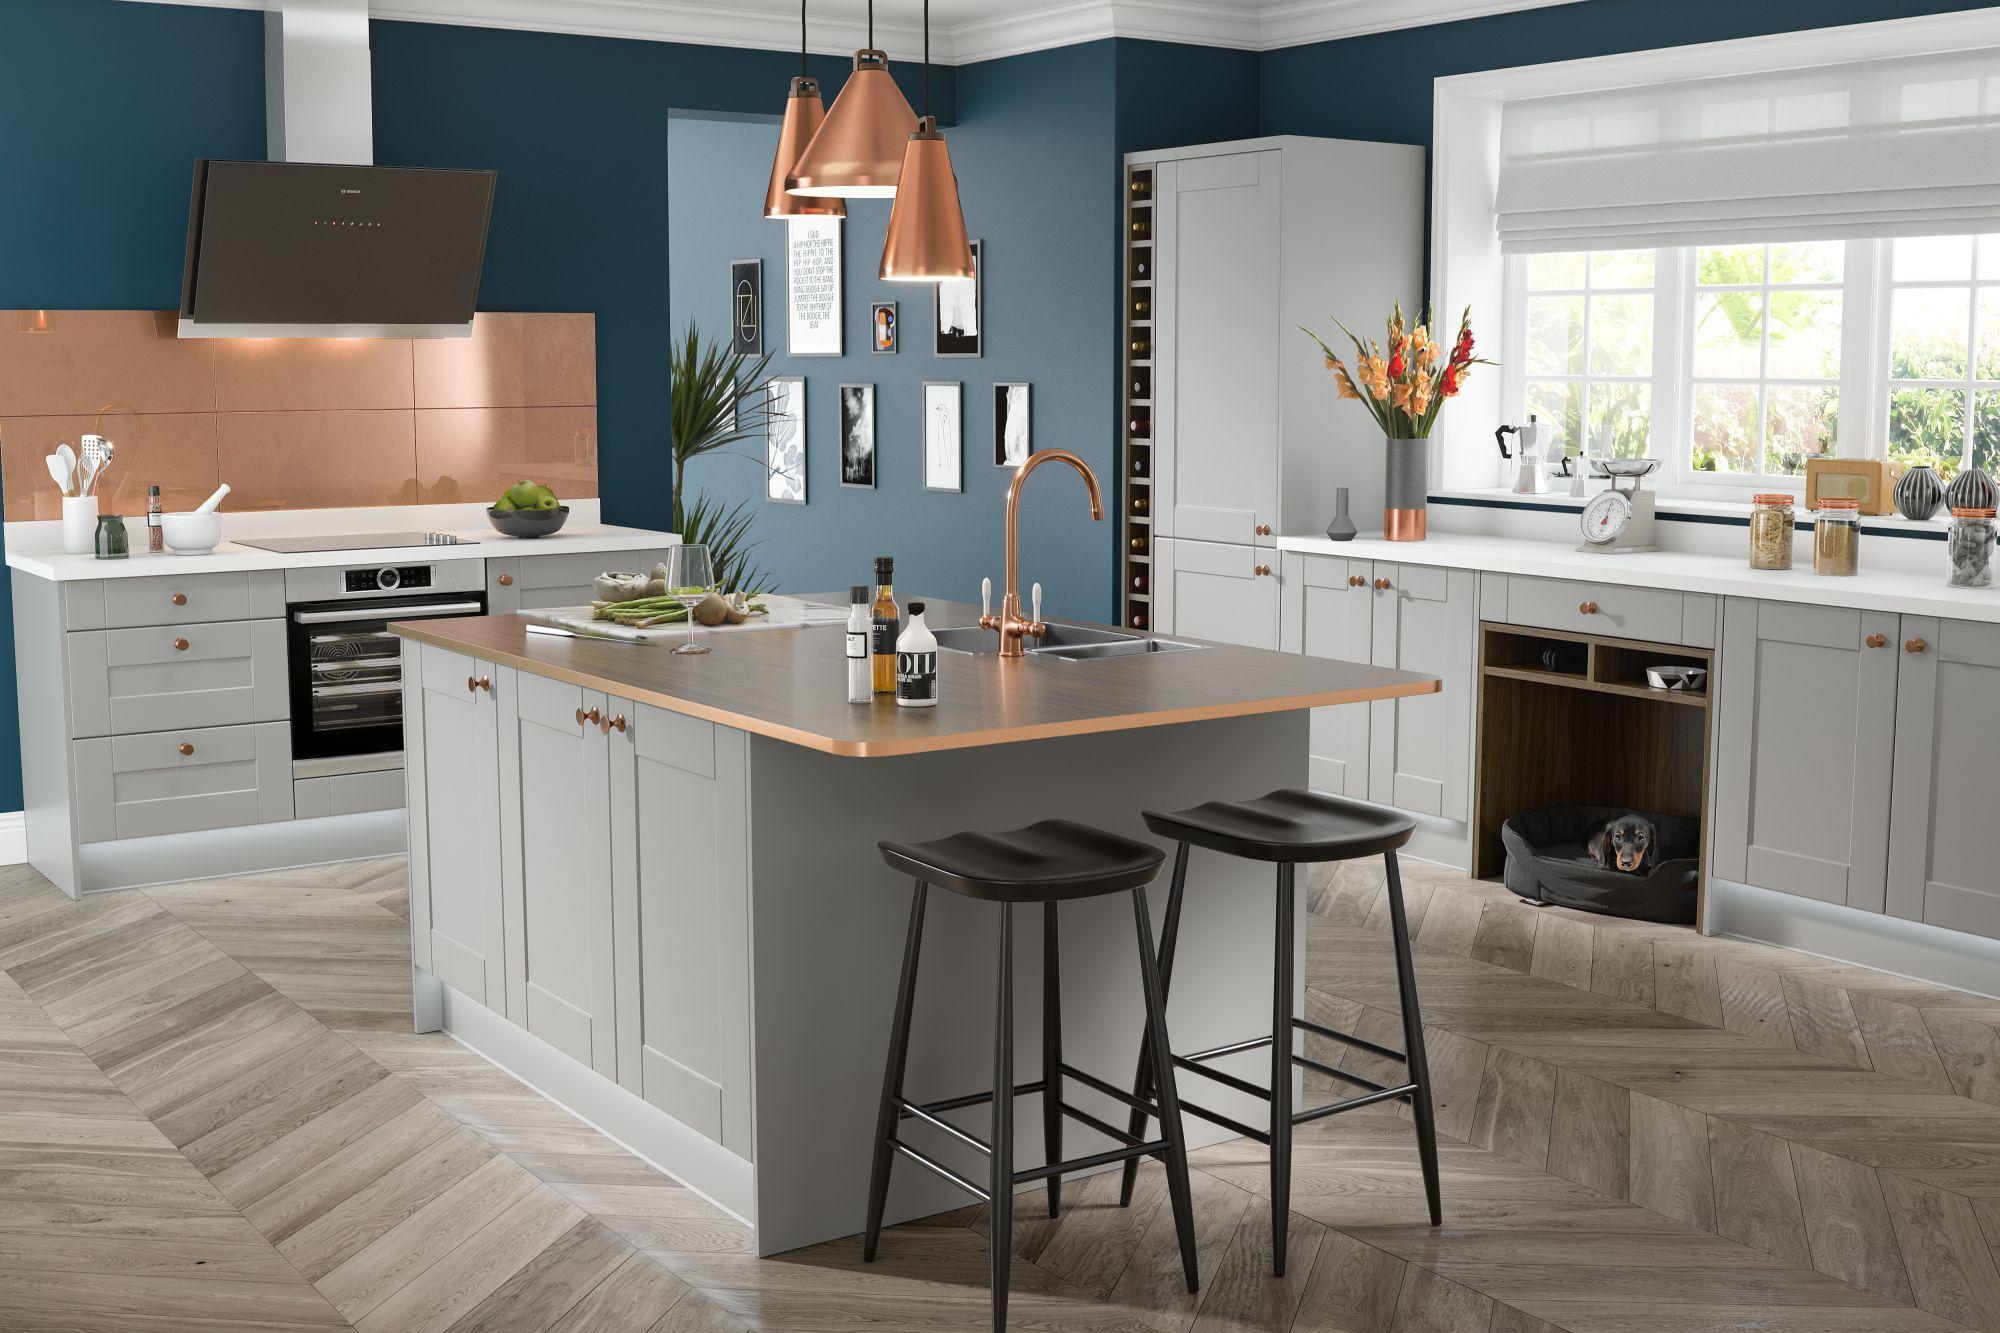 Wren Kitchens Handleless White Gloss speaks for itself